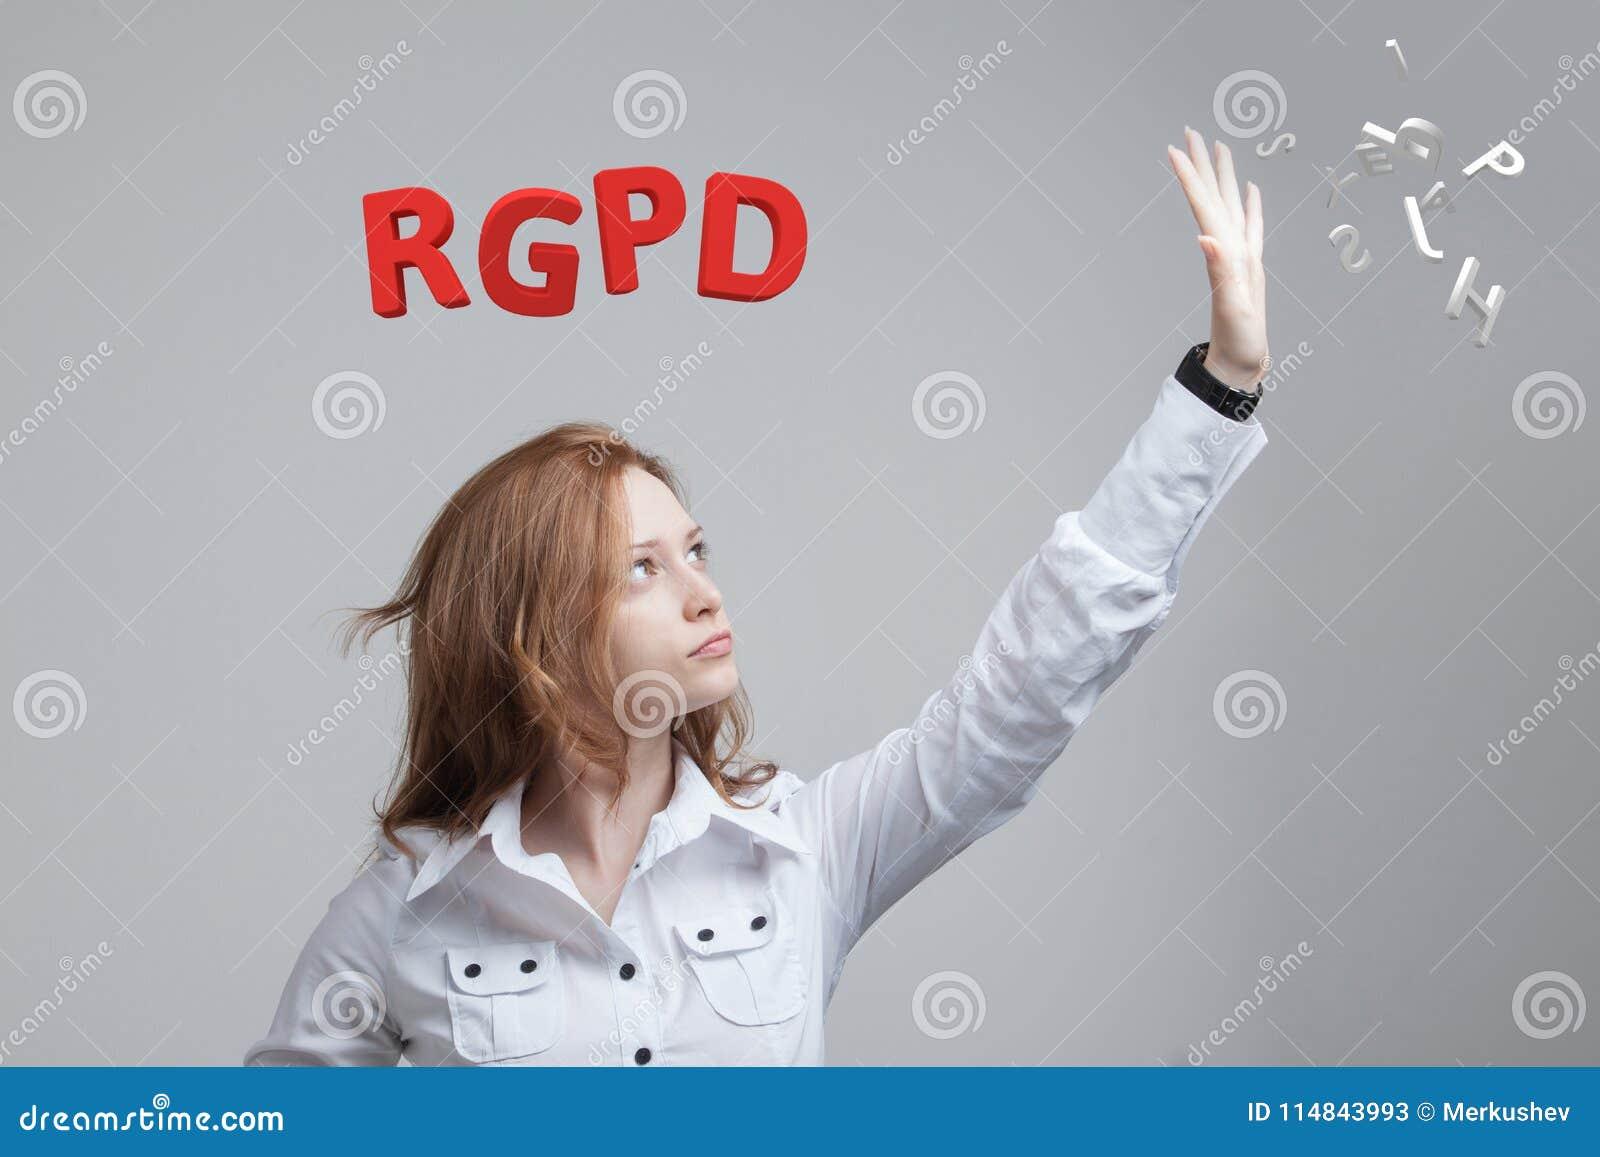 RGPD, испанский язык, француз и итальянская версия версии GDPR: Datos Reglamento Генерала de Proteccion de Общие данные